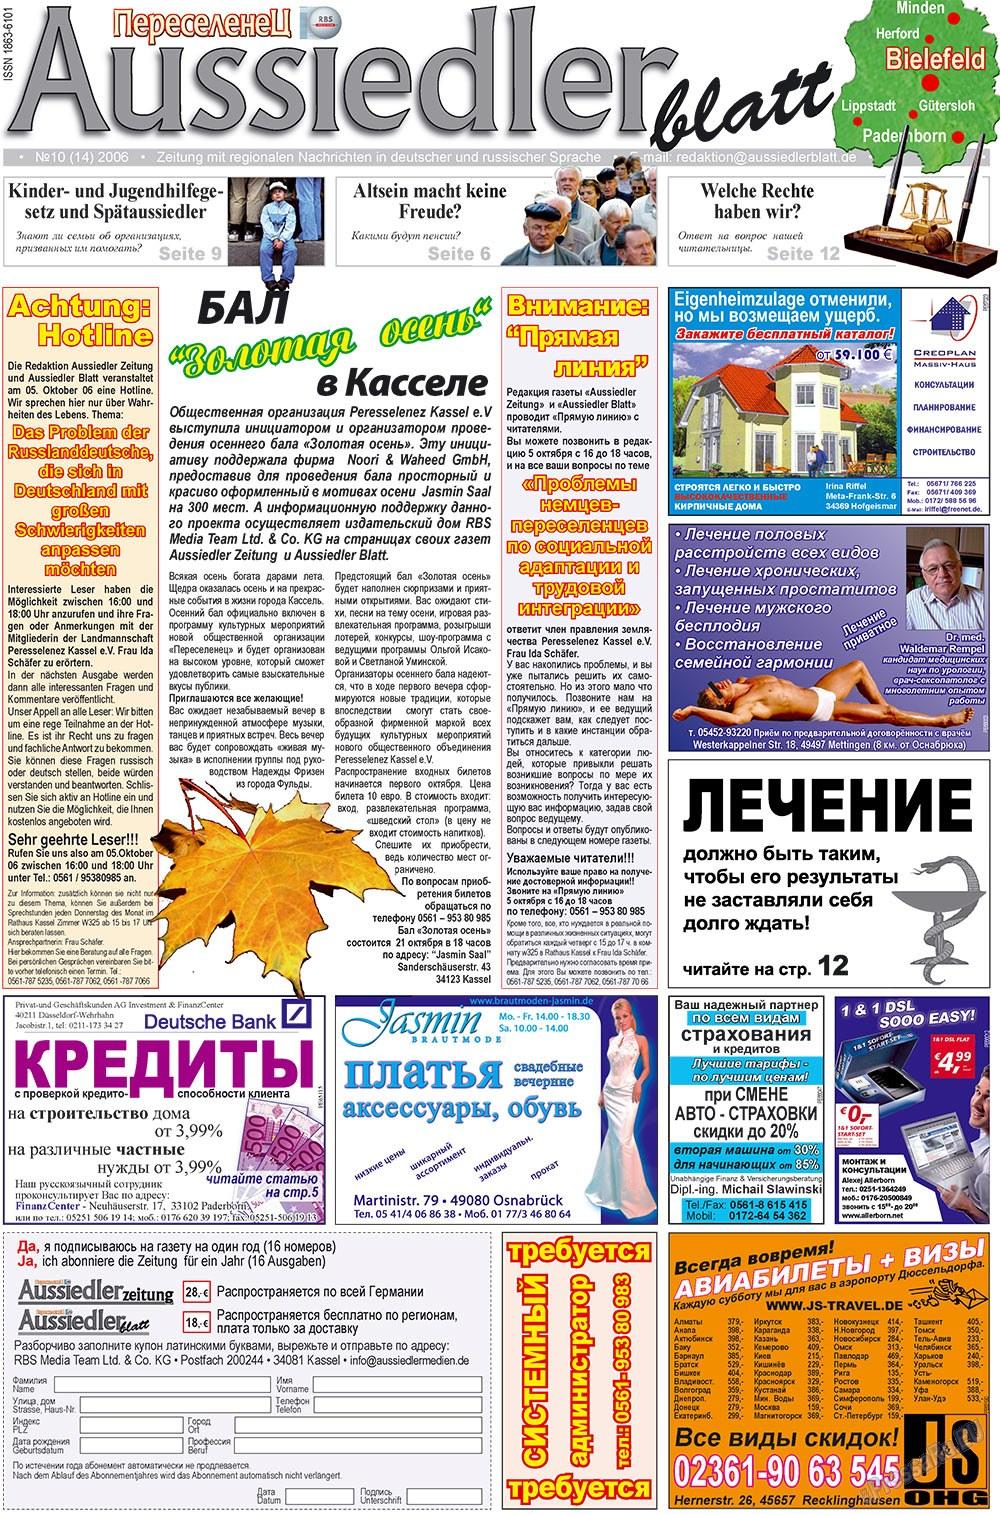 Переселенец (газета). 2006 год, номер 10, стр. 21